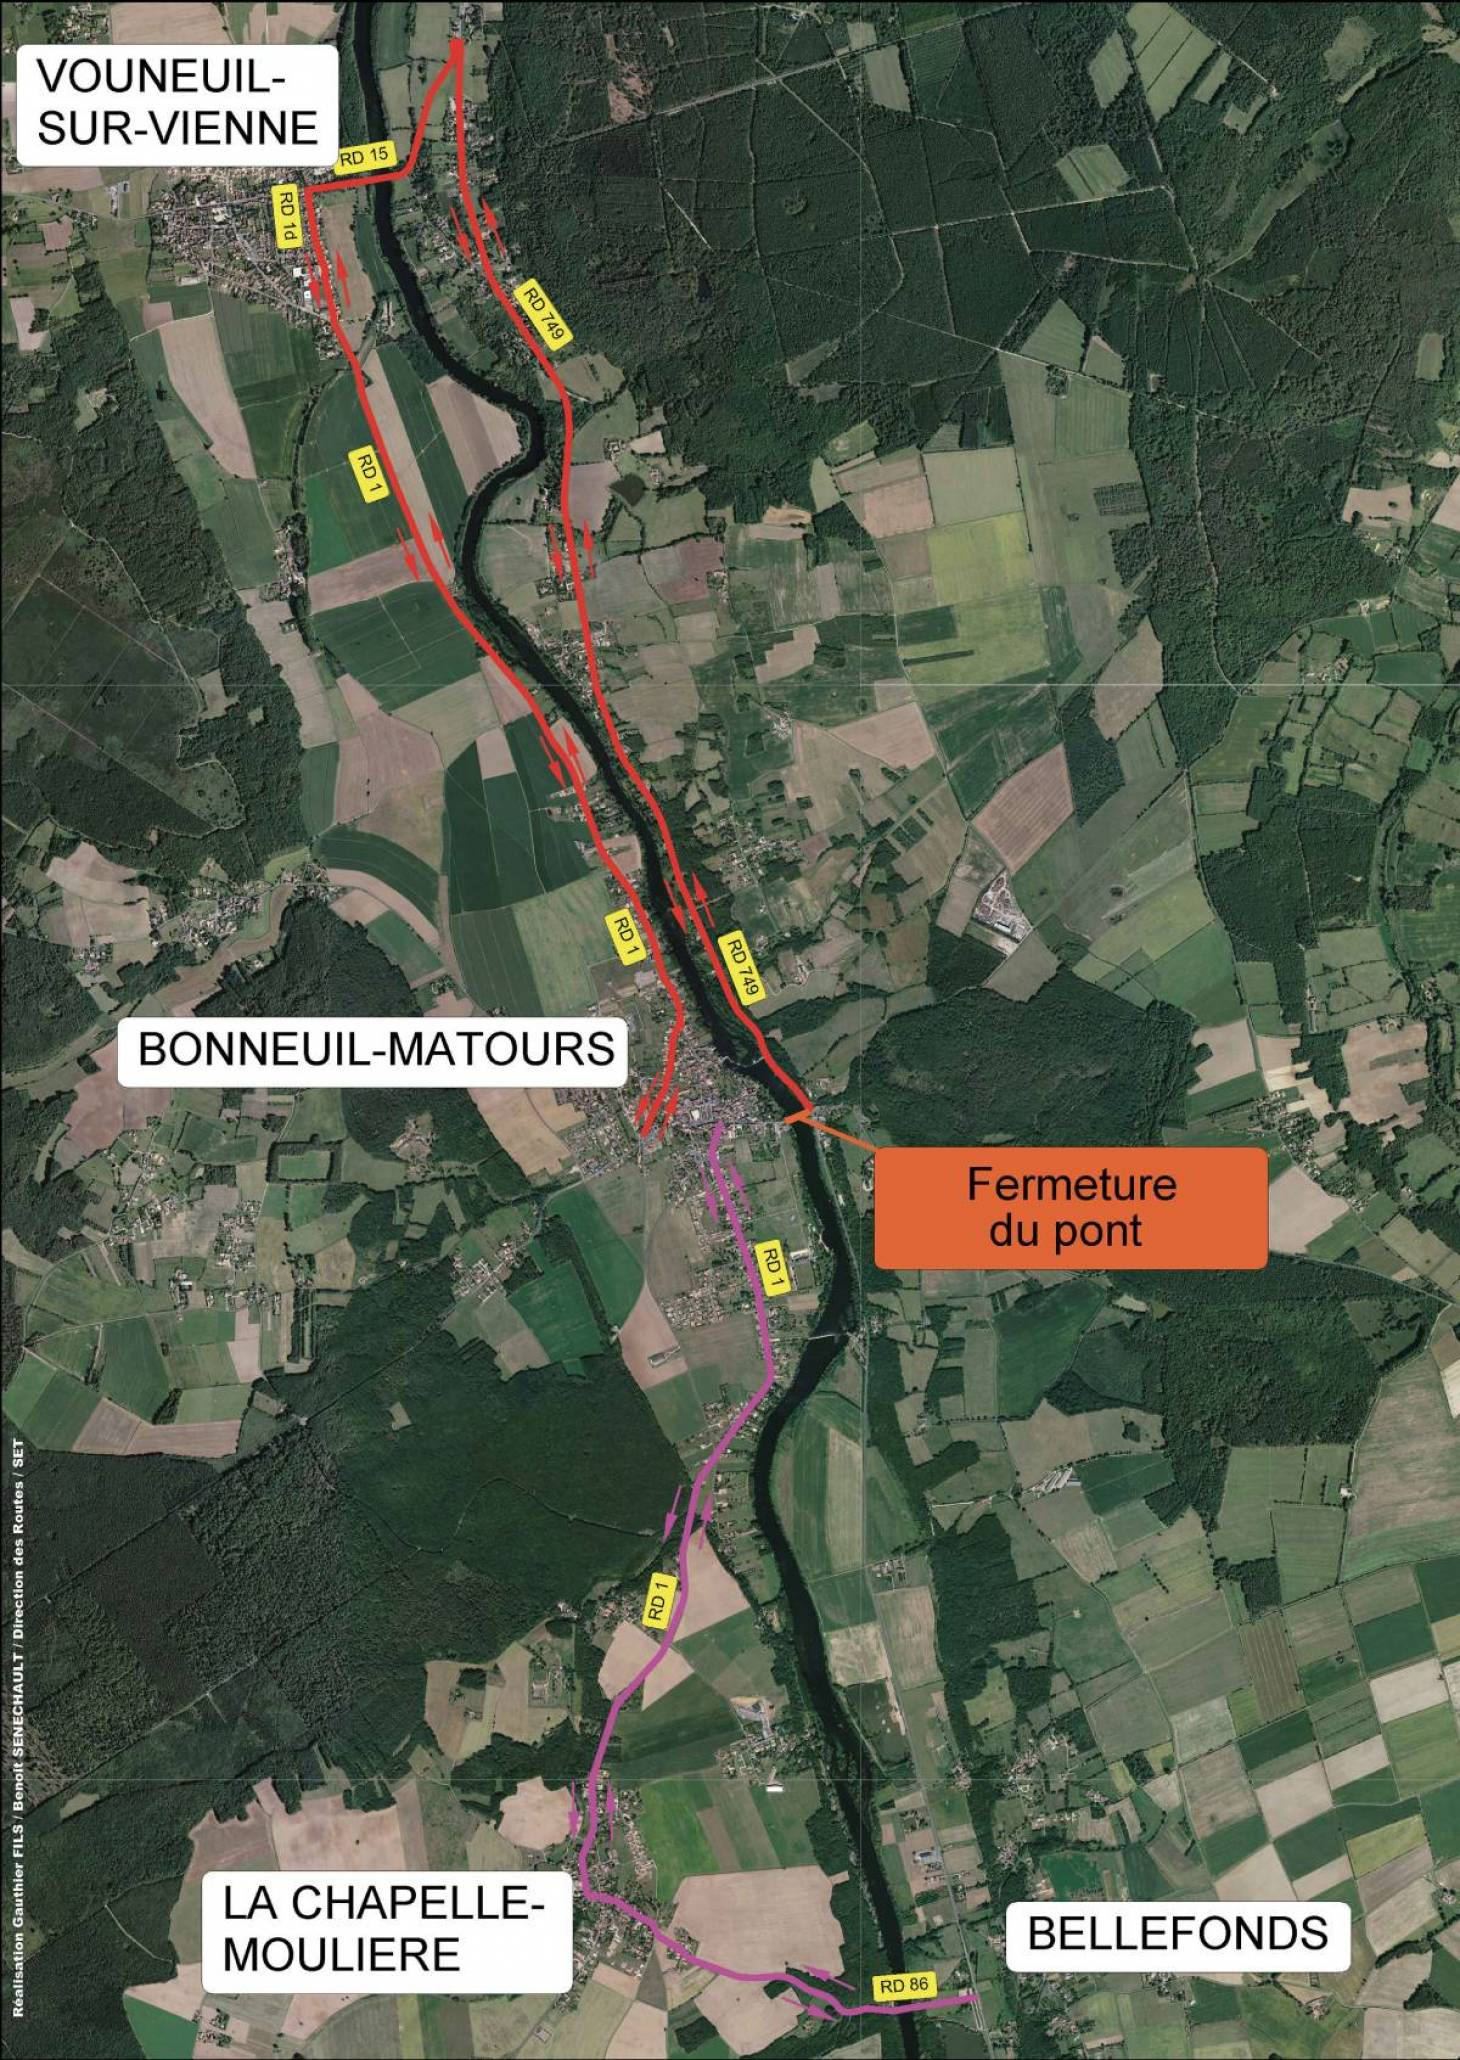 Bonneuil-Matours : fermeture du pont pendant un an